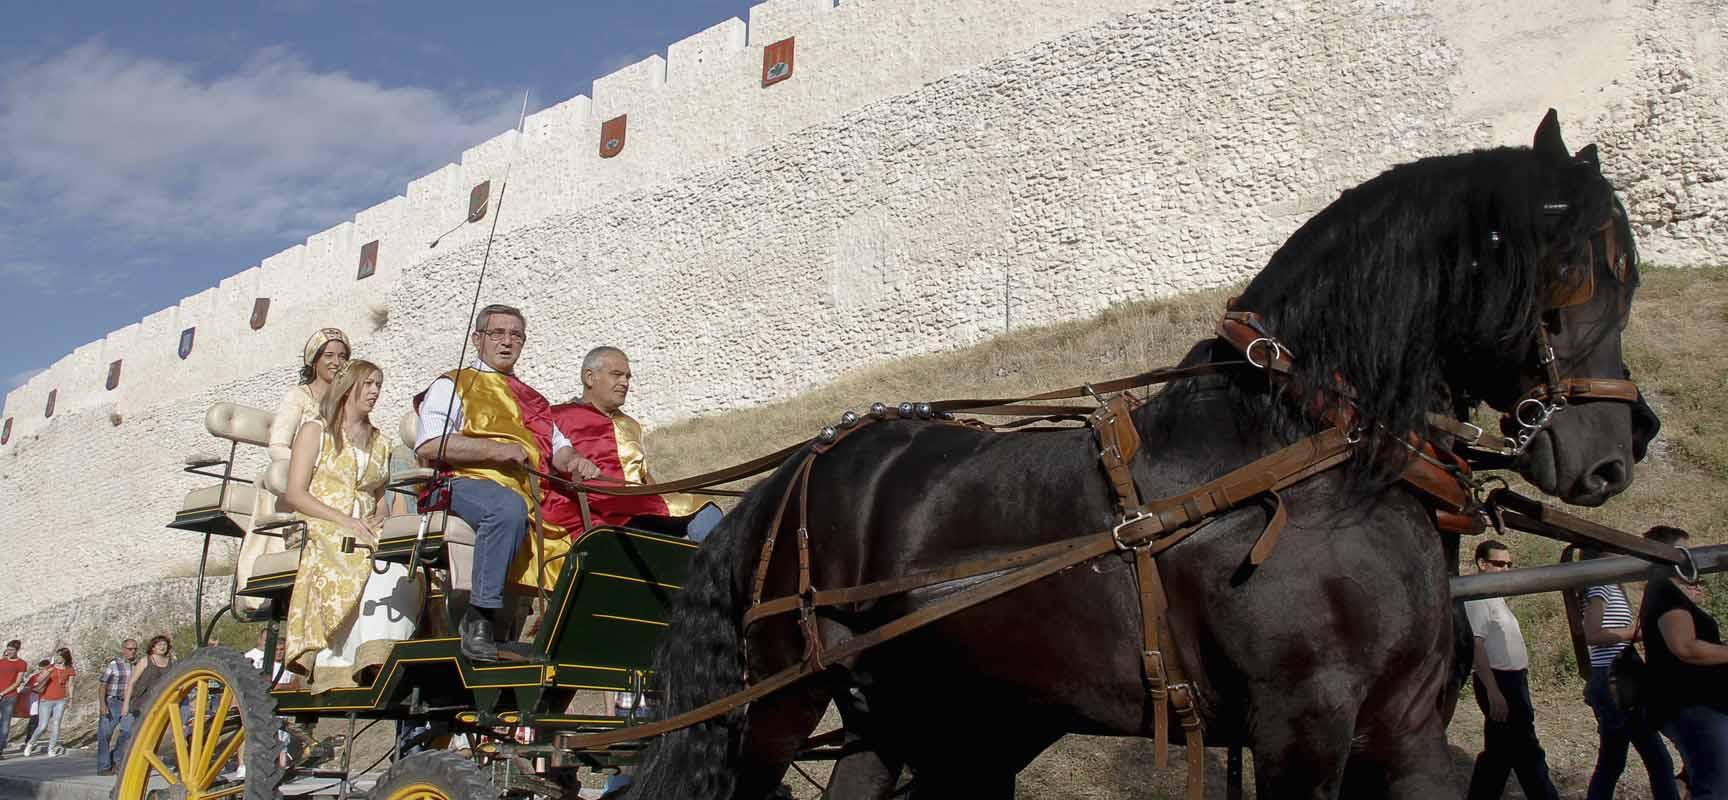 El cortejo salió desde el Castillo para terminar en La Huerta del Duque, donde se inauguró la Feria Mudéjar